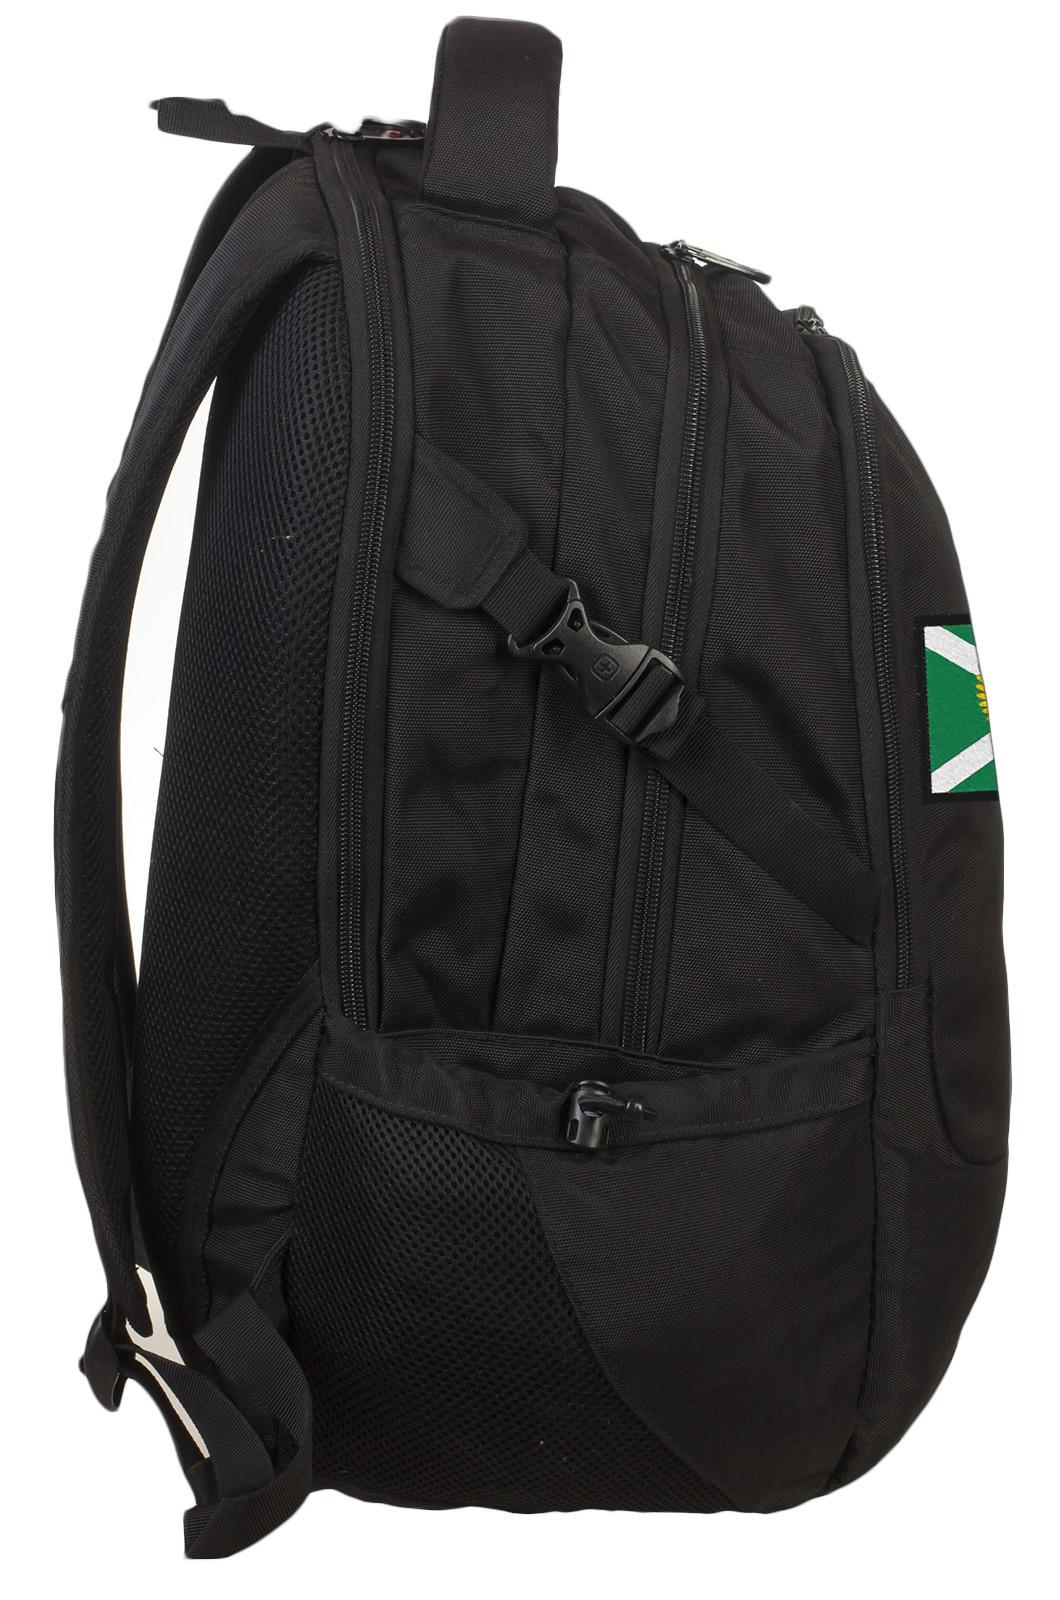 Вместительный черный рюкзак с нашивкой Таможня - купить в подарок